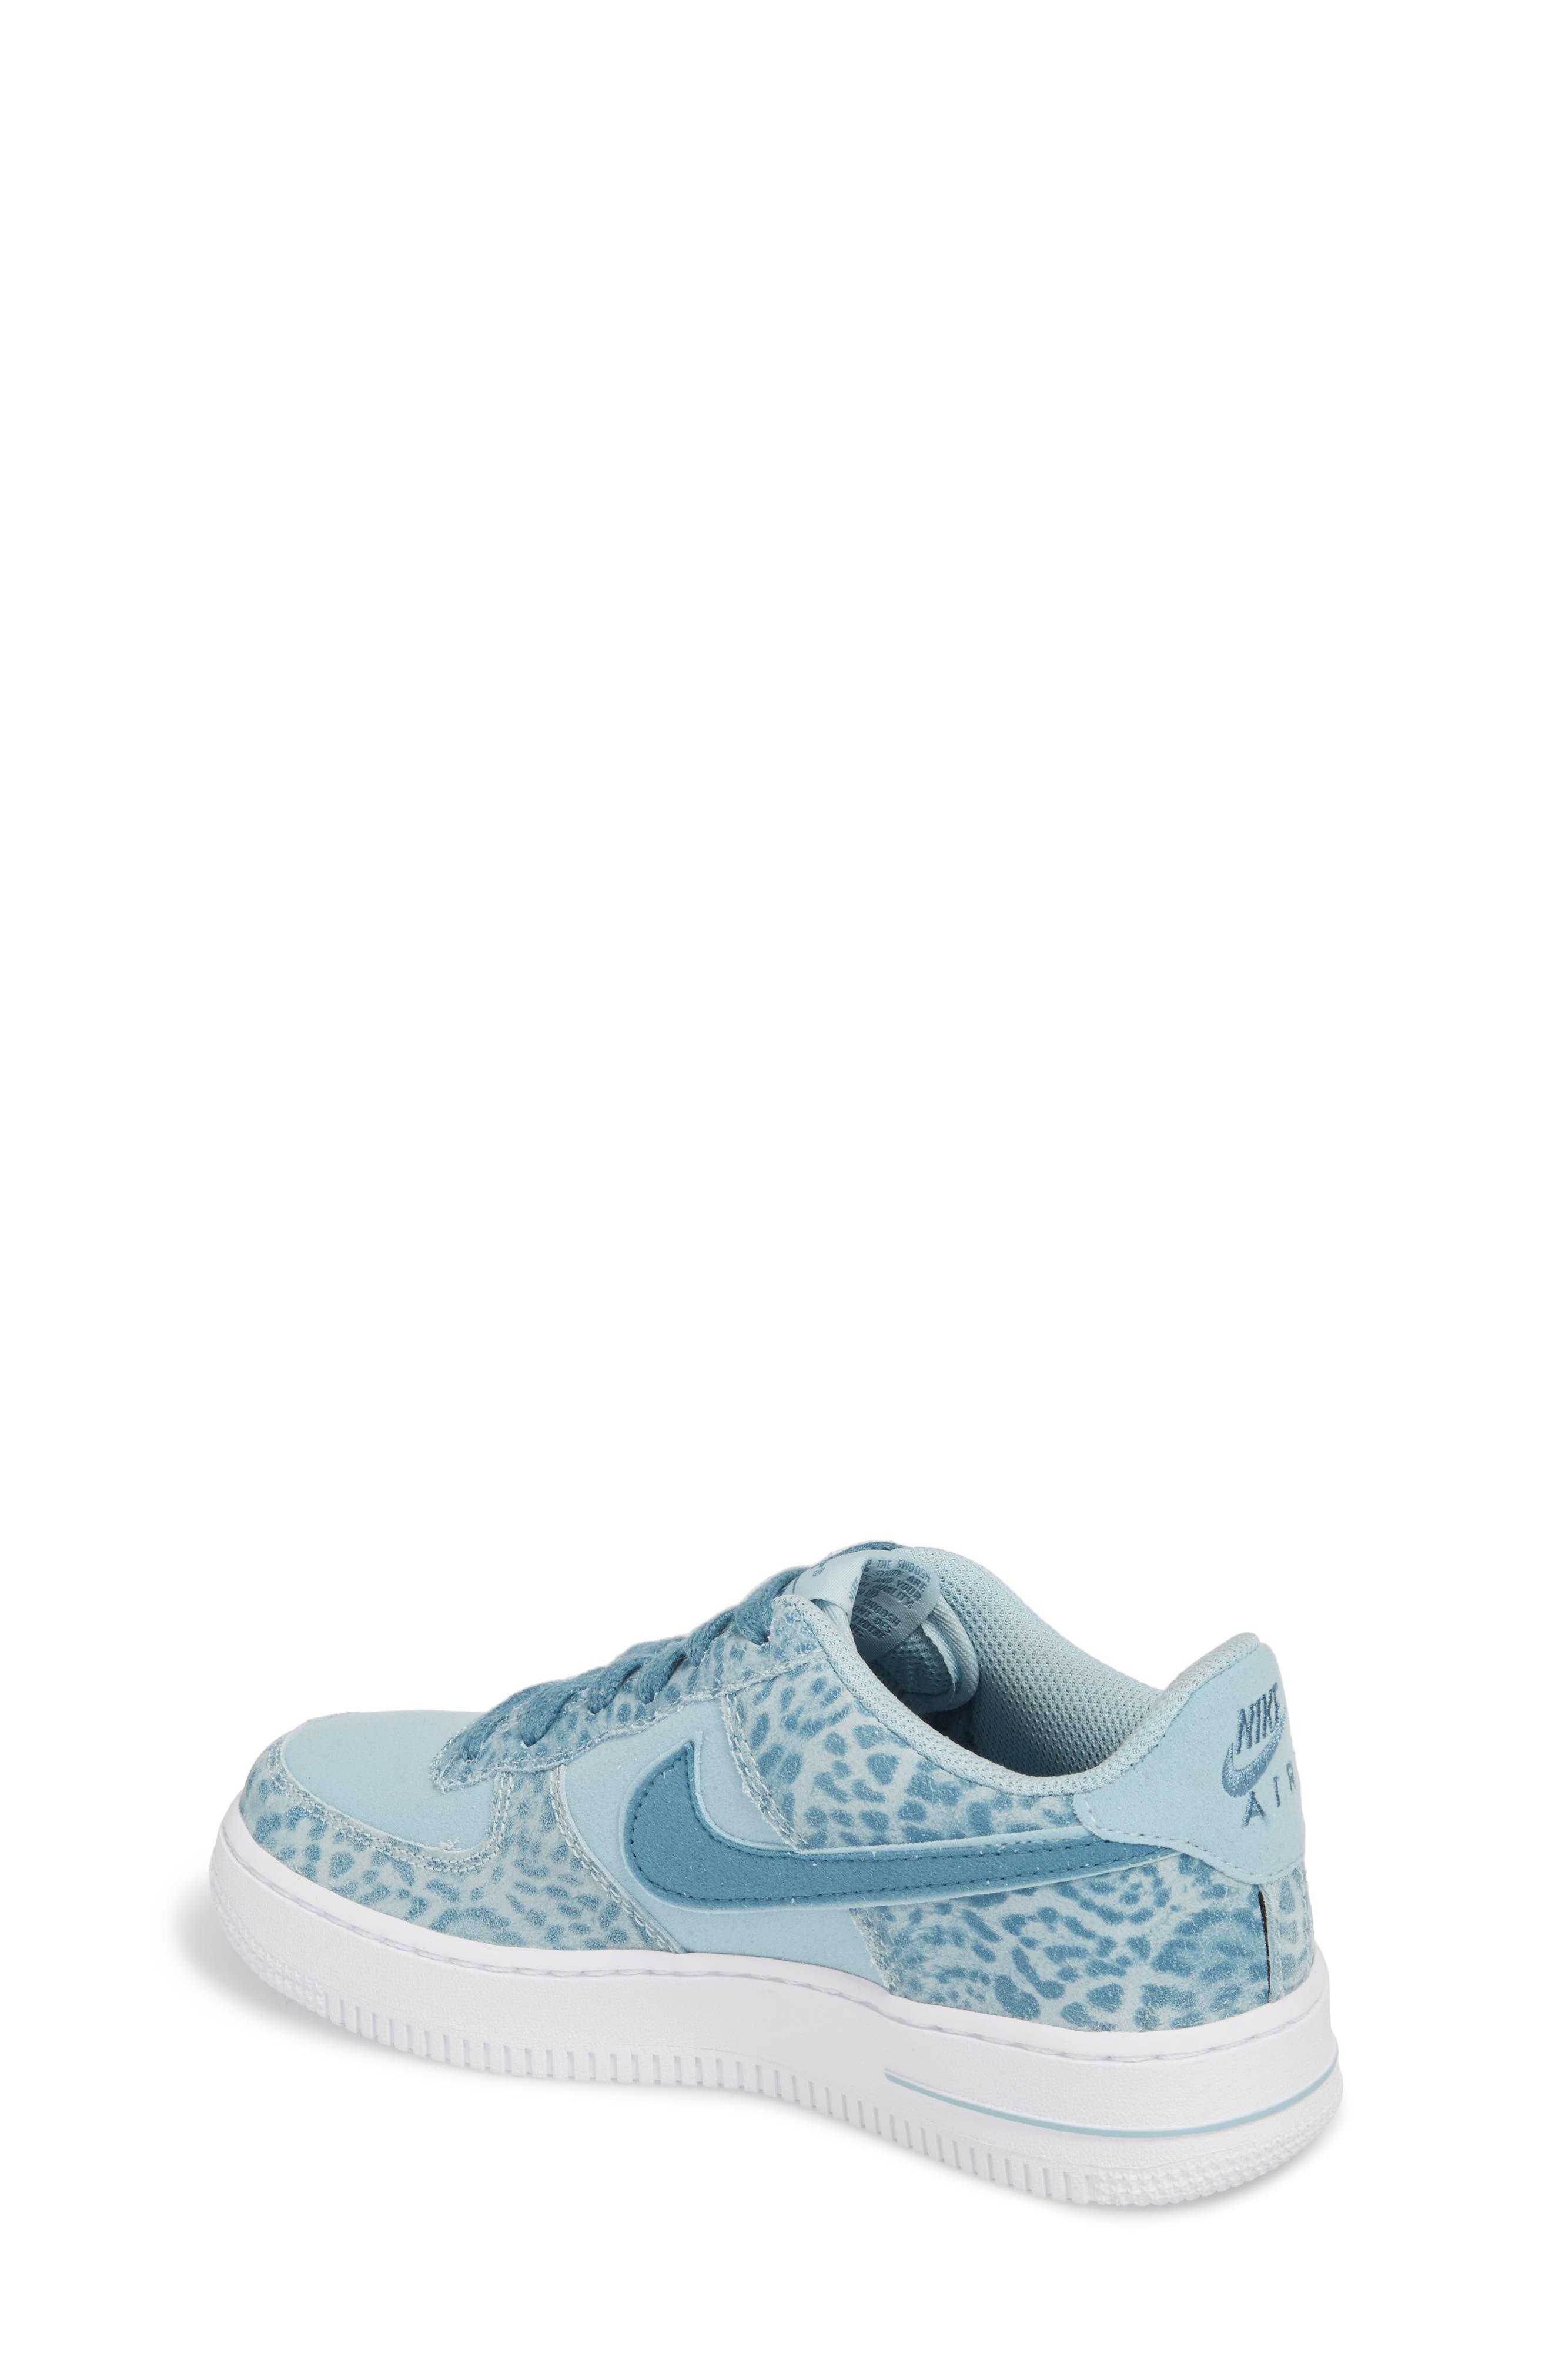 Air Force 1 LV8 Sneaker,                             Alternate thumbnail 2, color,                             Ocean Bliss/ Noise Aqua/ White